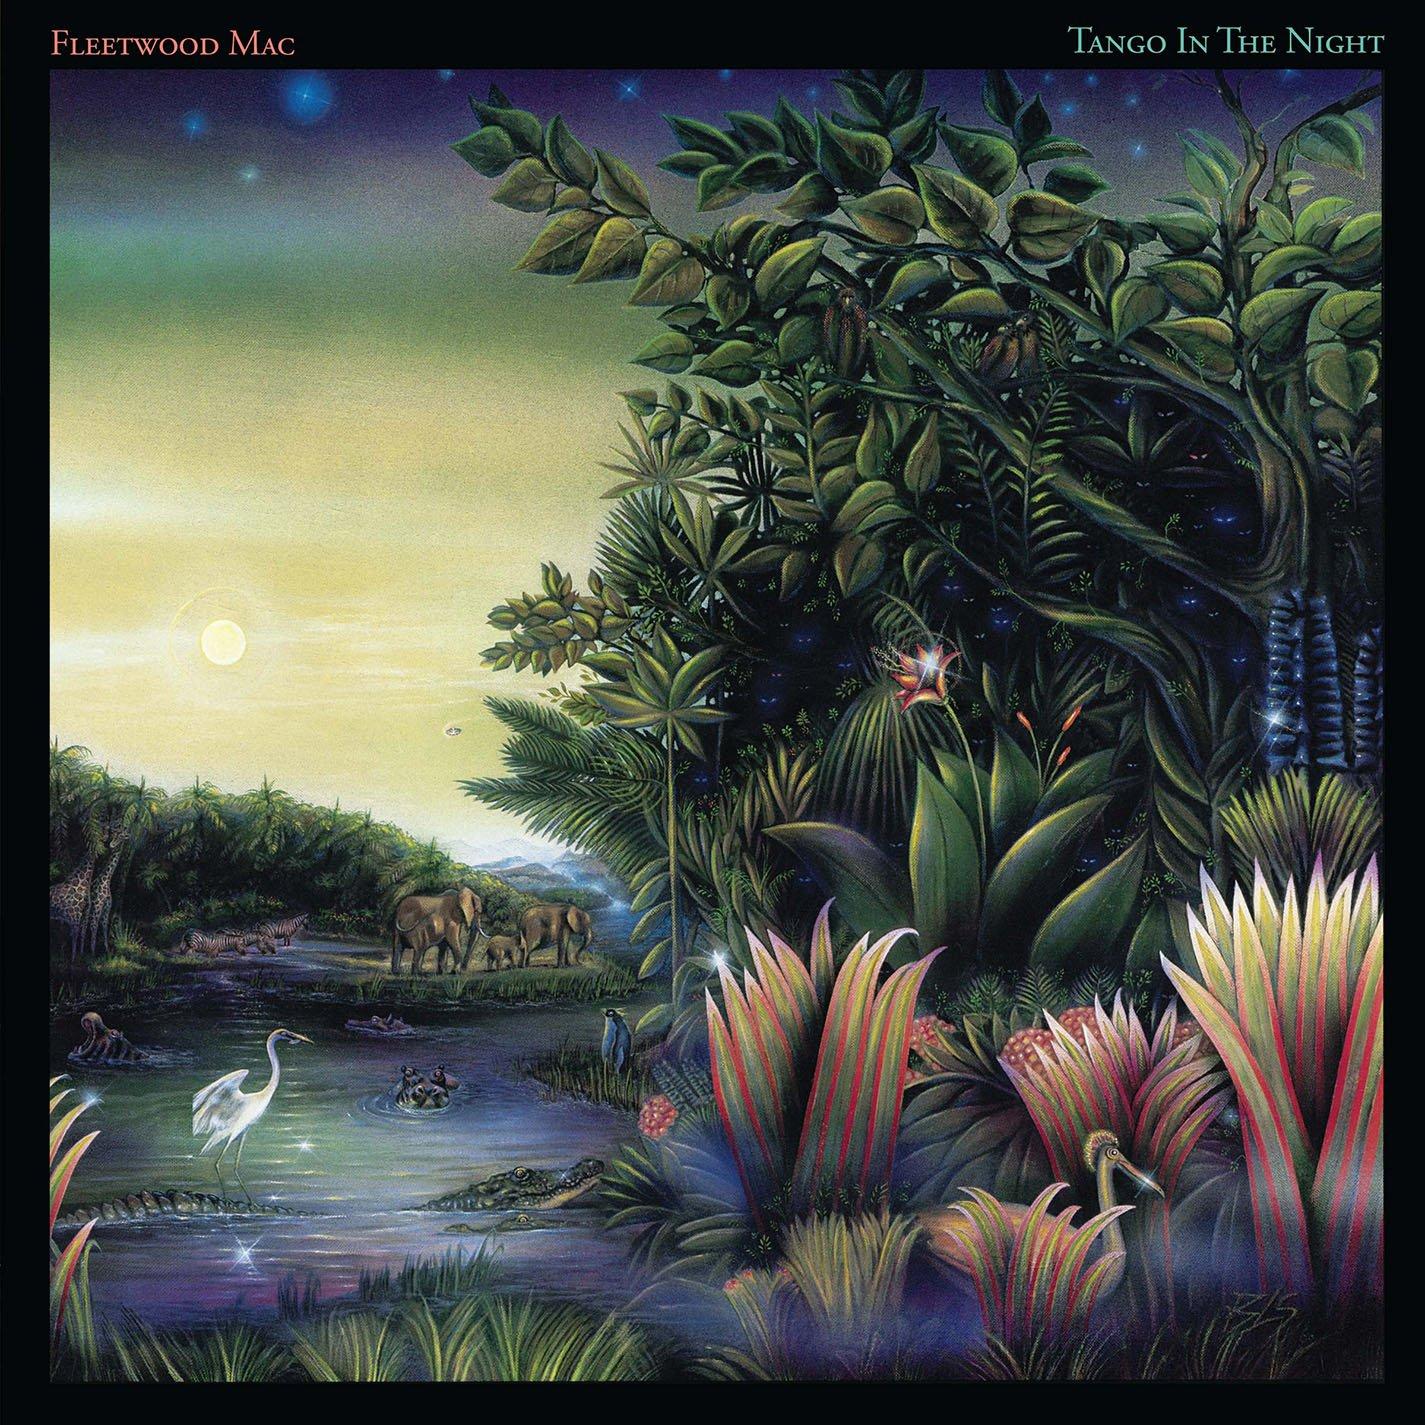 Fleetwood Mac - Tango In The Night - Amazon.com Music